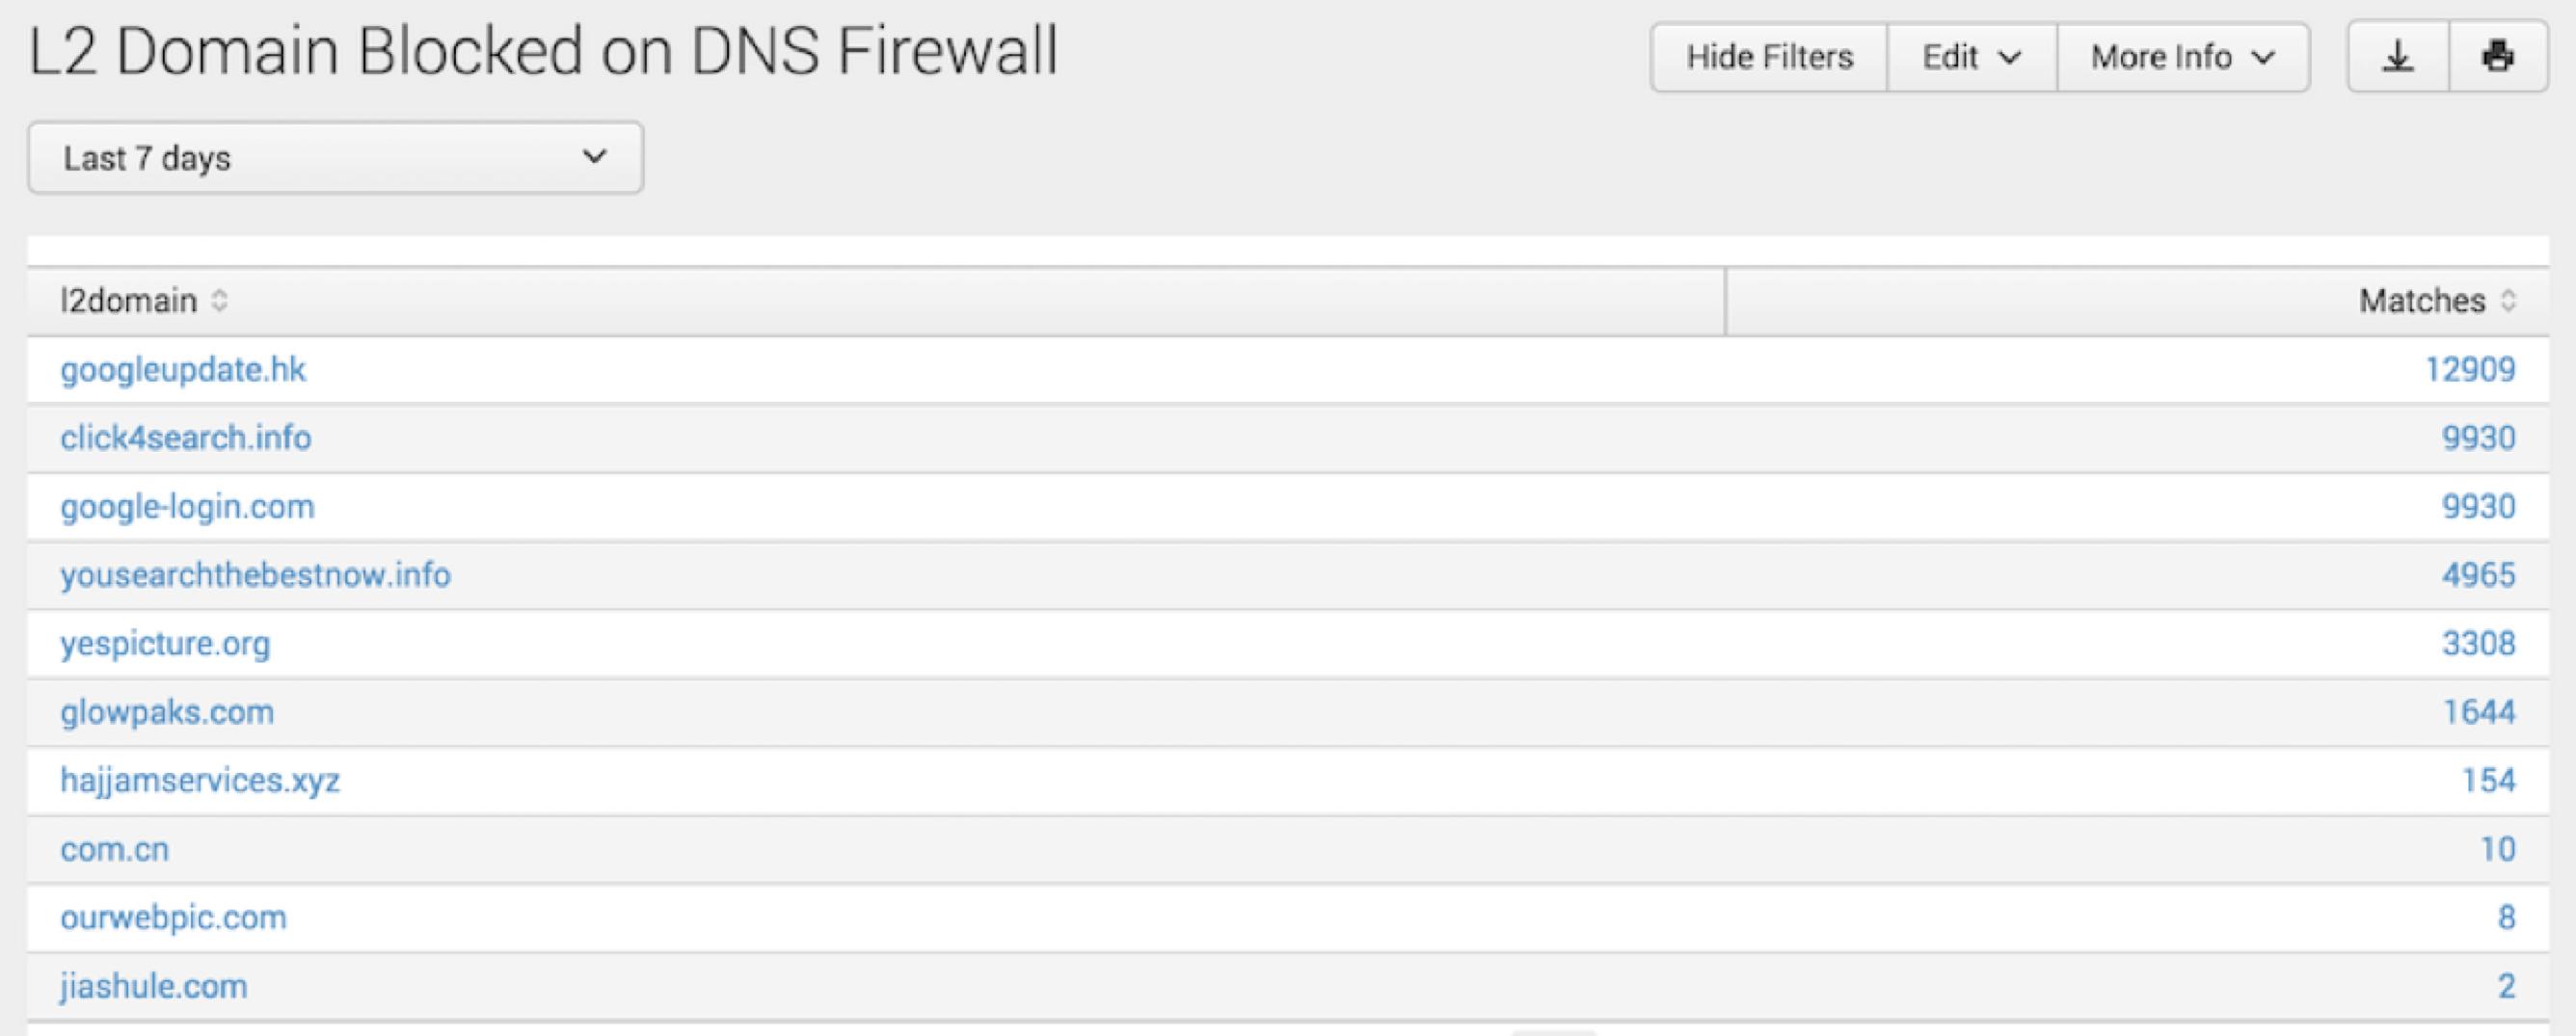 L2 Domain Blocked on DNS Firewall